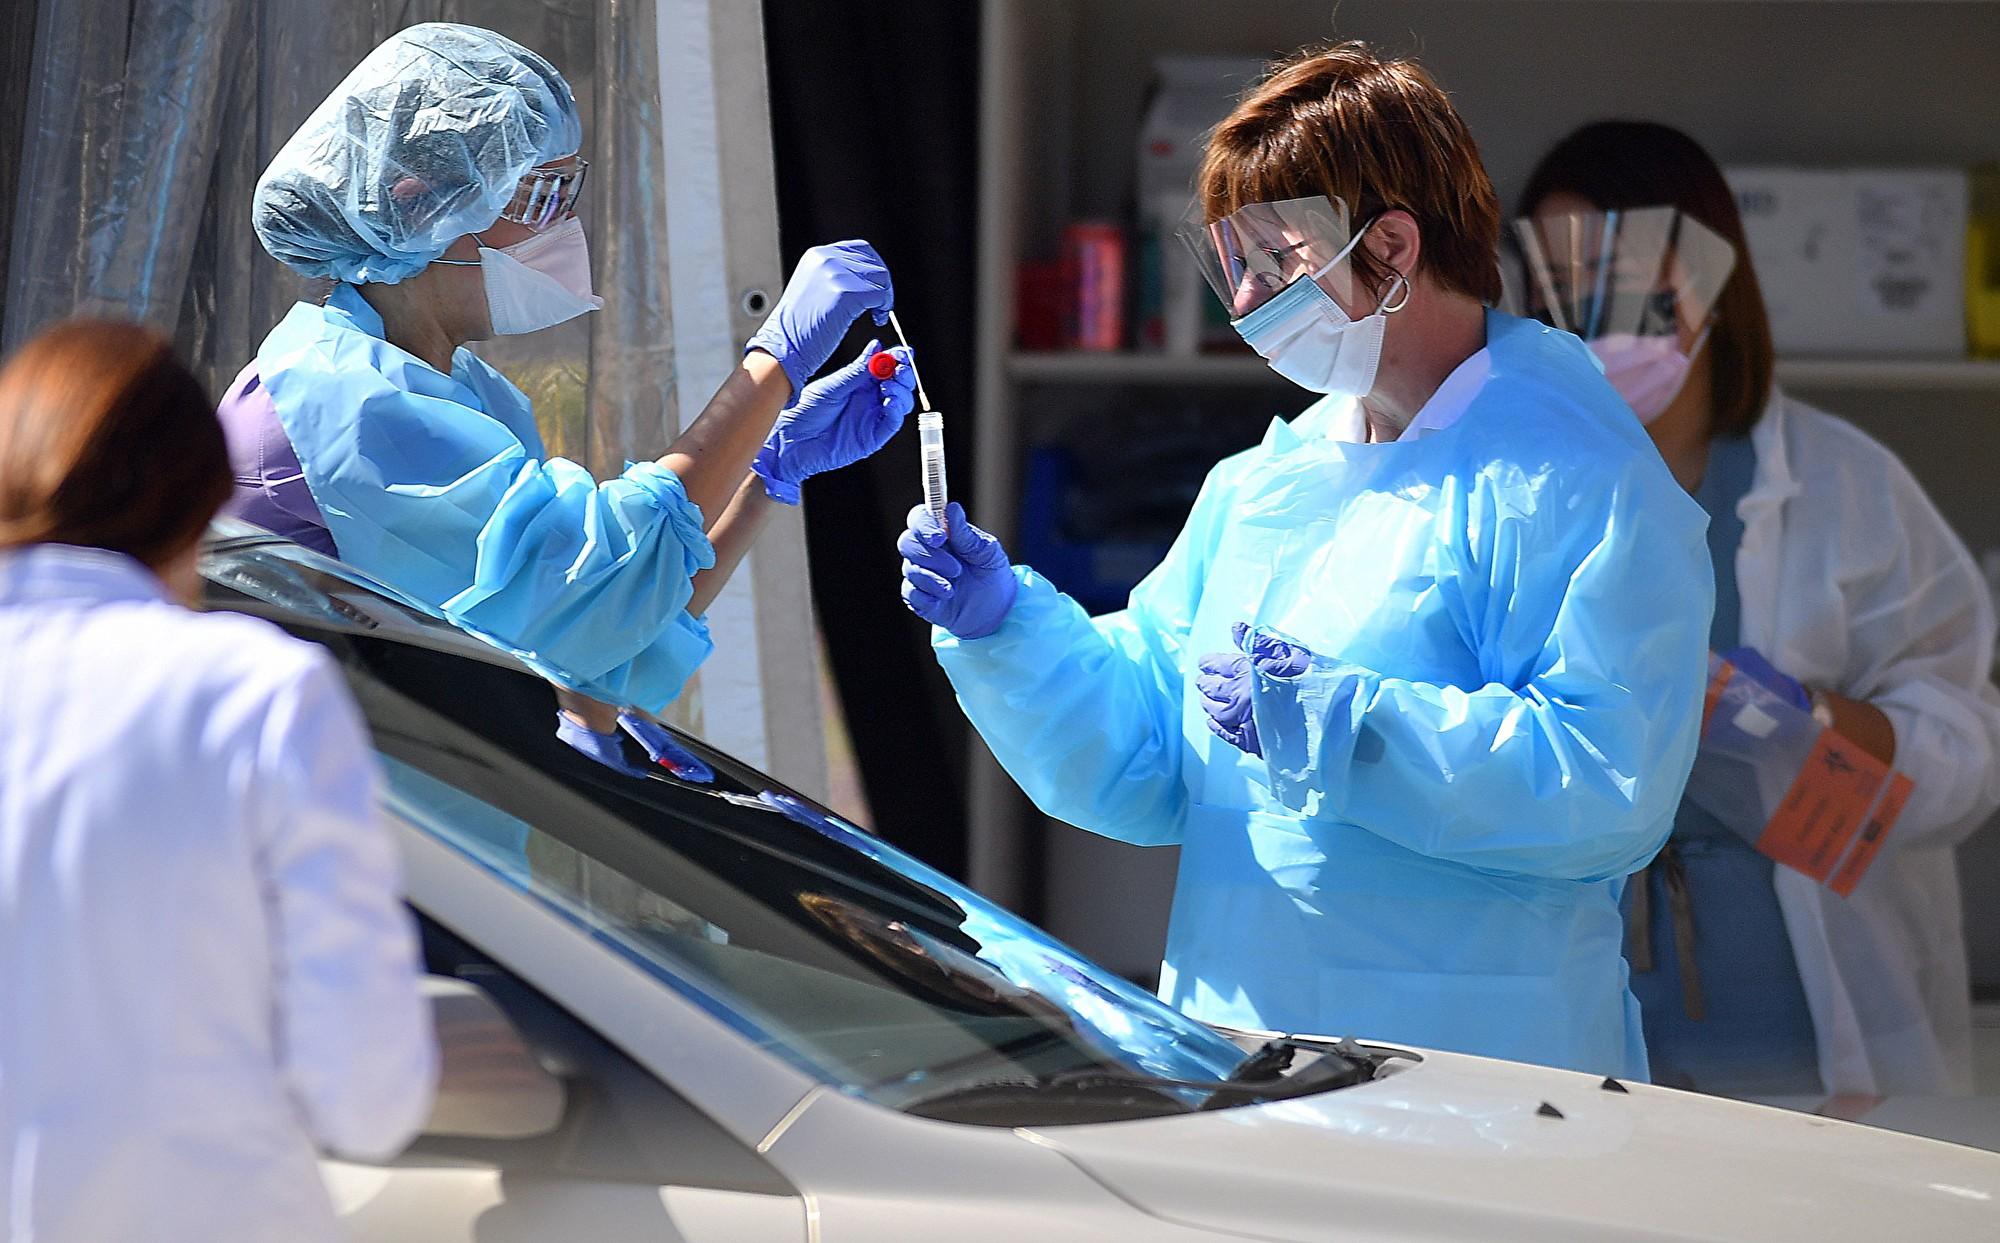 洛縣與加州同步 年輕族群染中共病毒增加